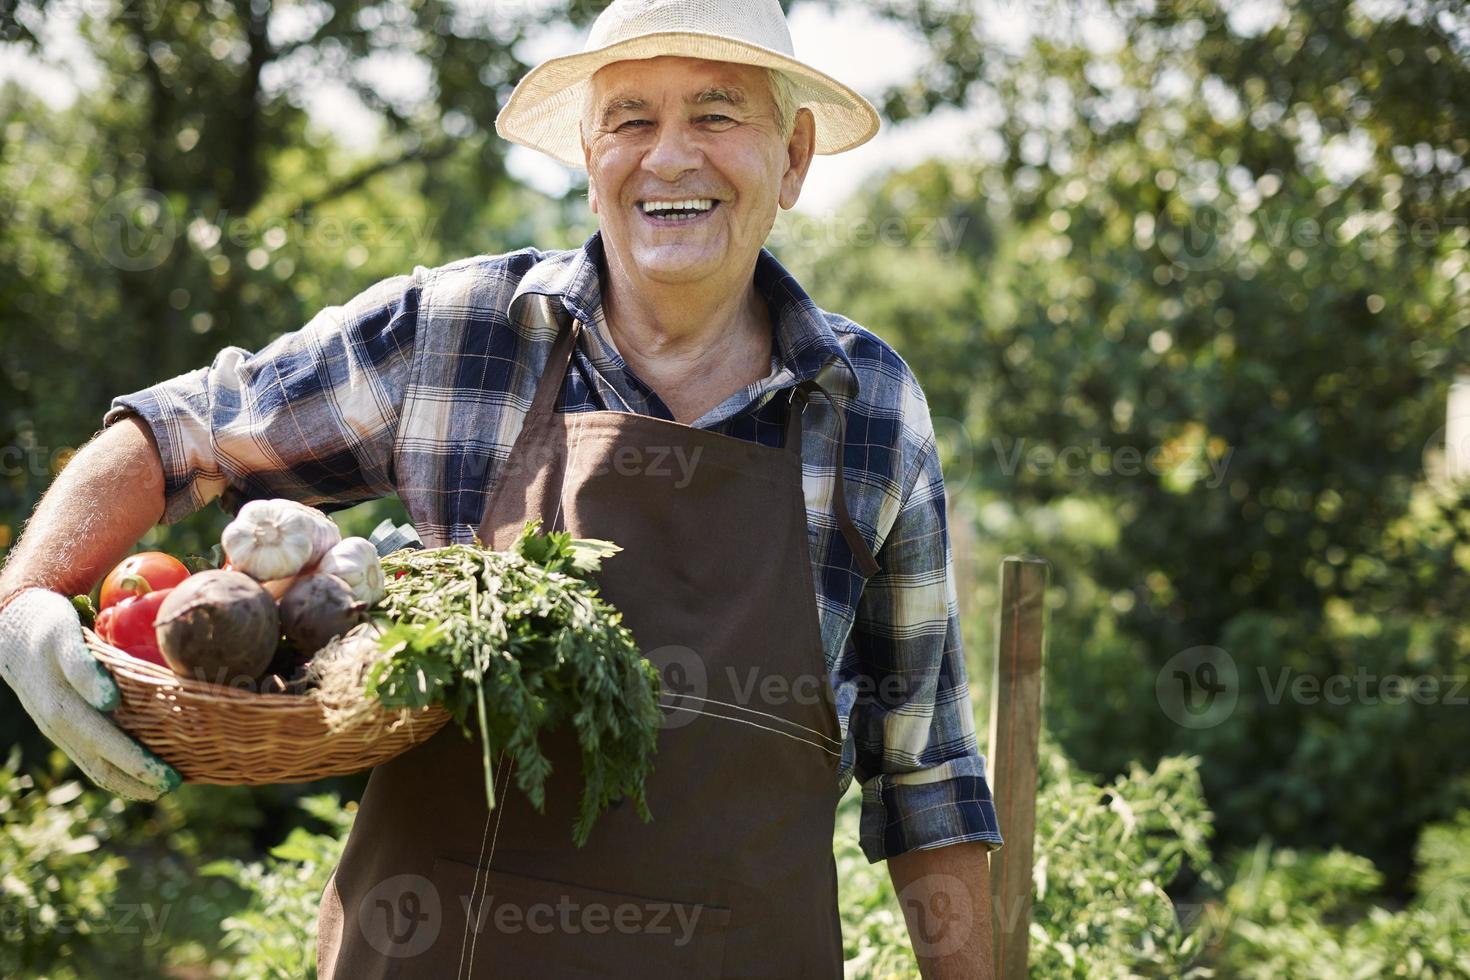 meus legumes sempre são frescos e saudáveis foto